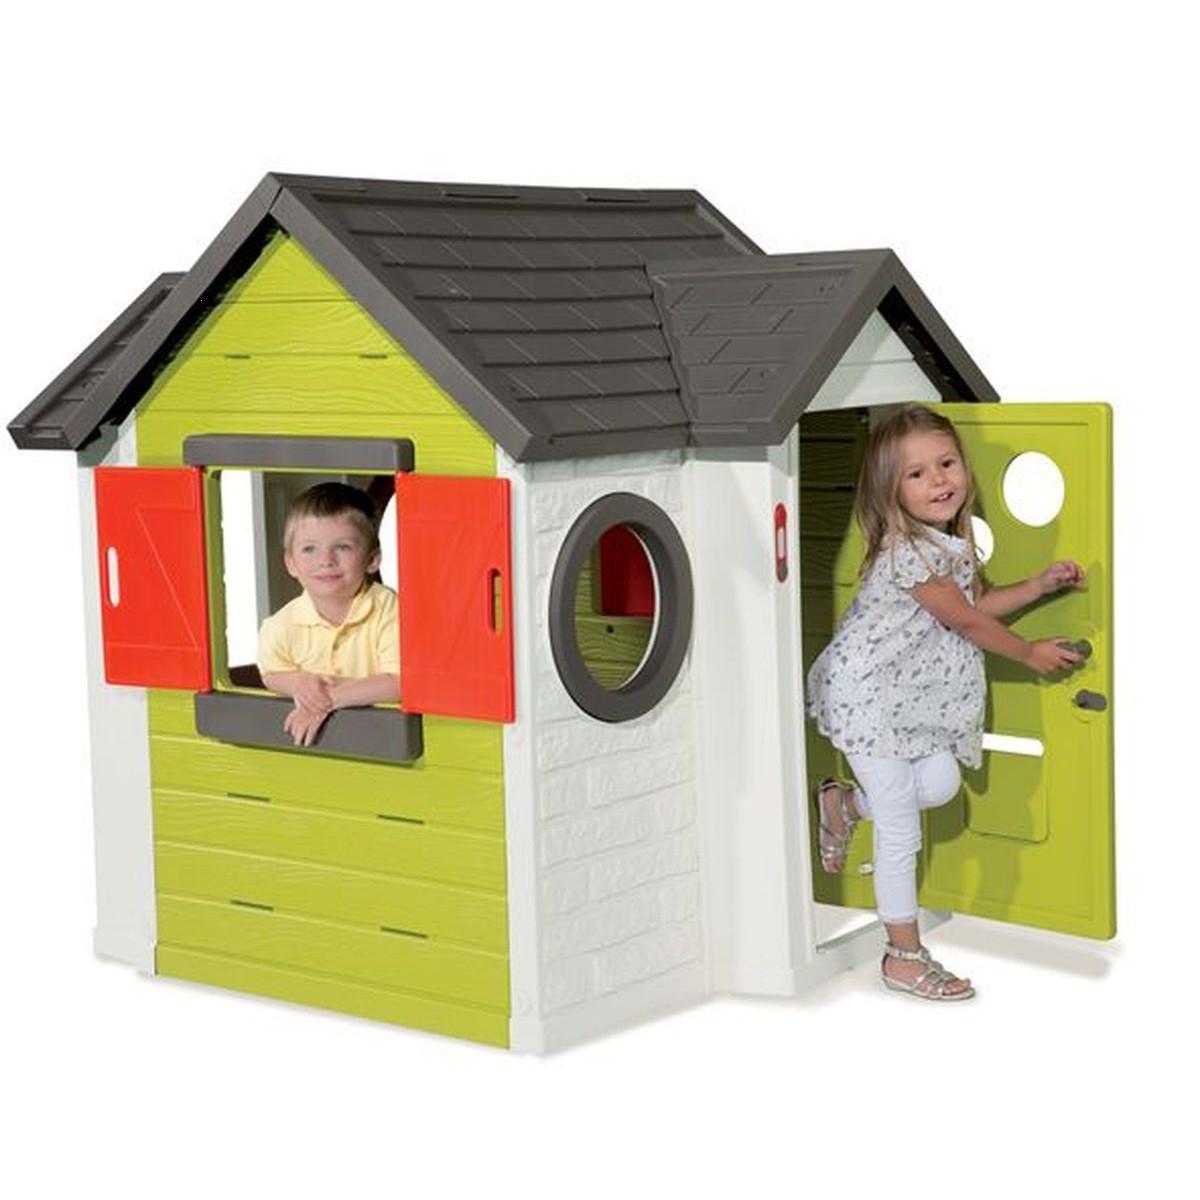 Cabane Enfant ⇒ Comparatif, Avis Et Meilleurs Modèles 2020 pour Maisonette Jardin Enfant